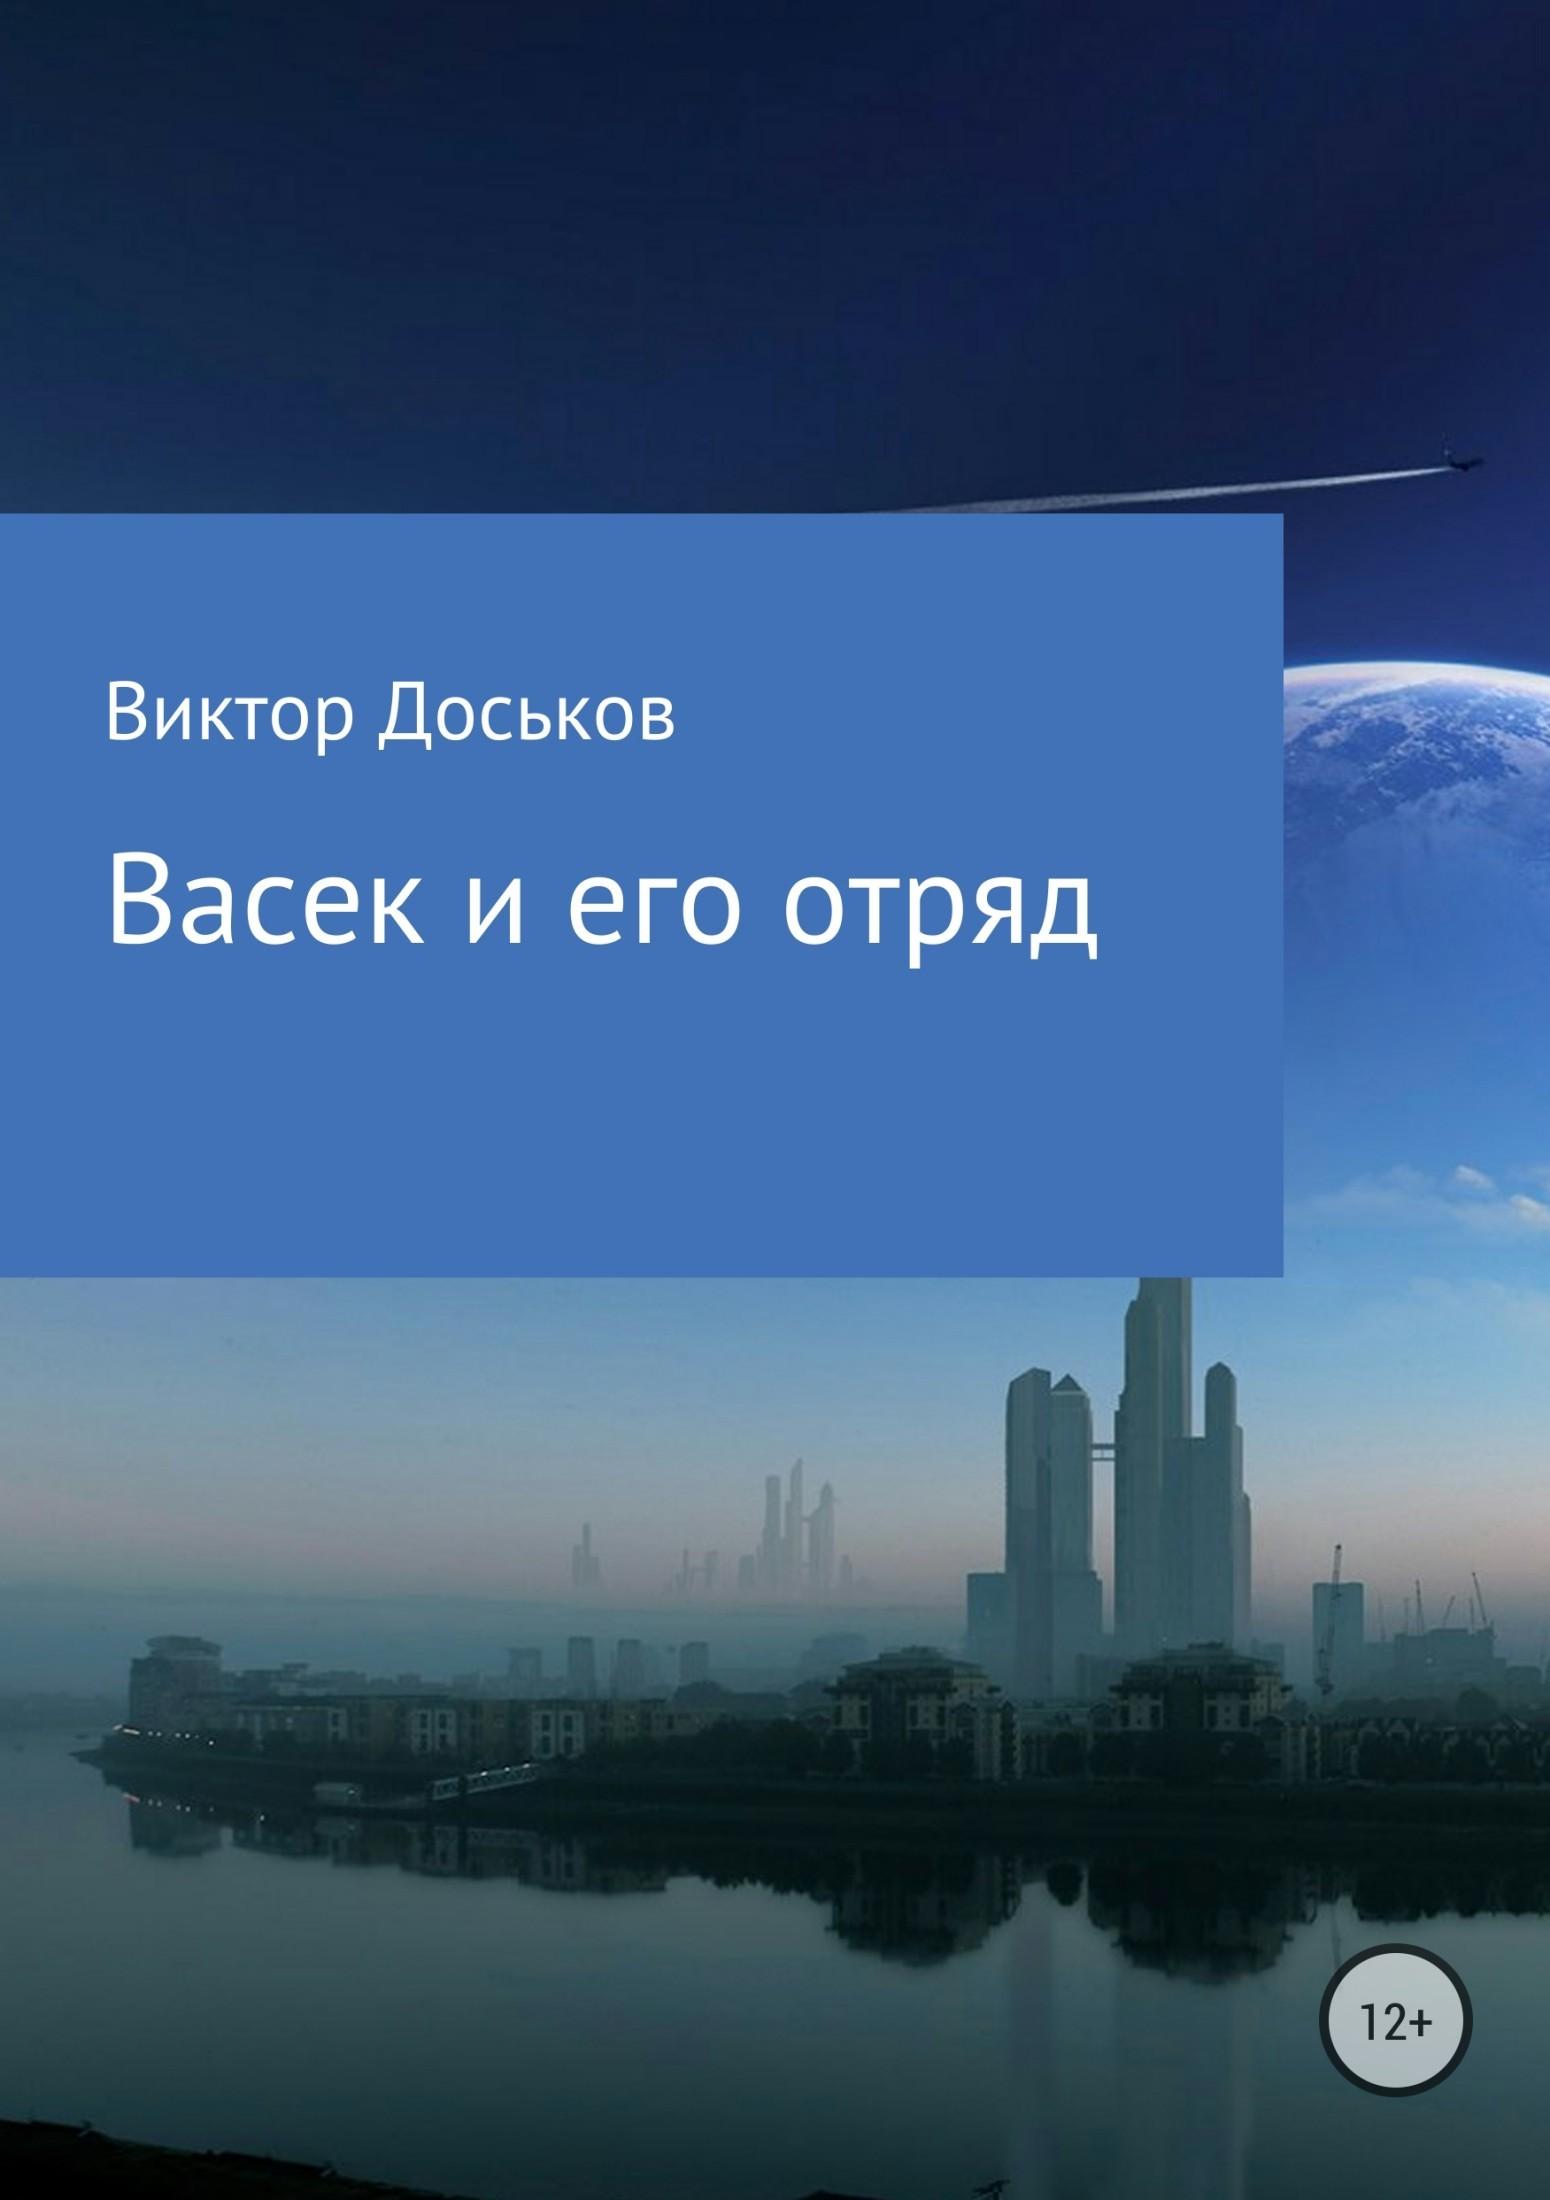 Виктор Доськов - Васек и его отряд